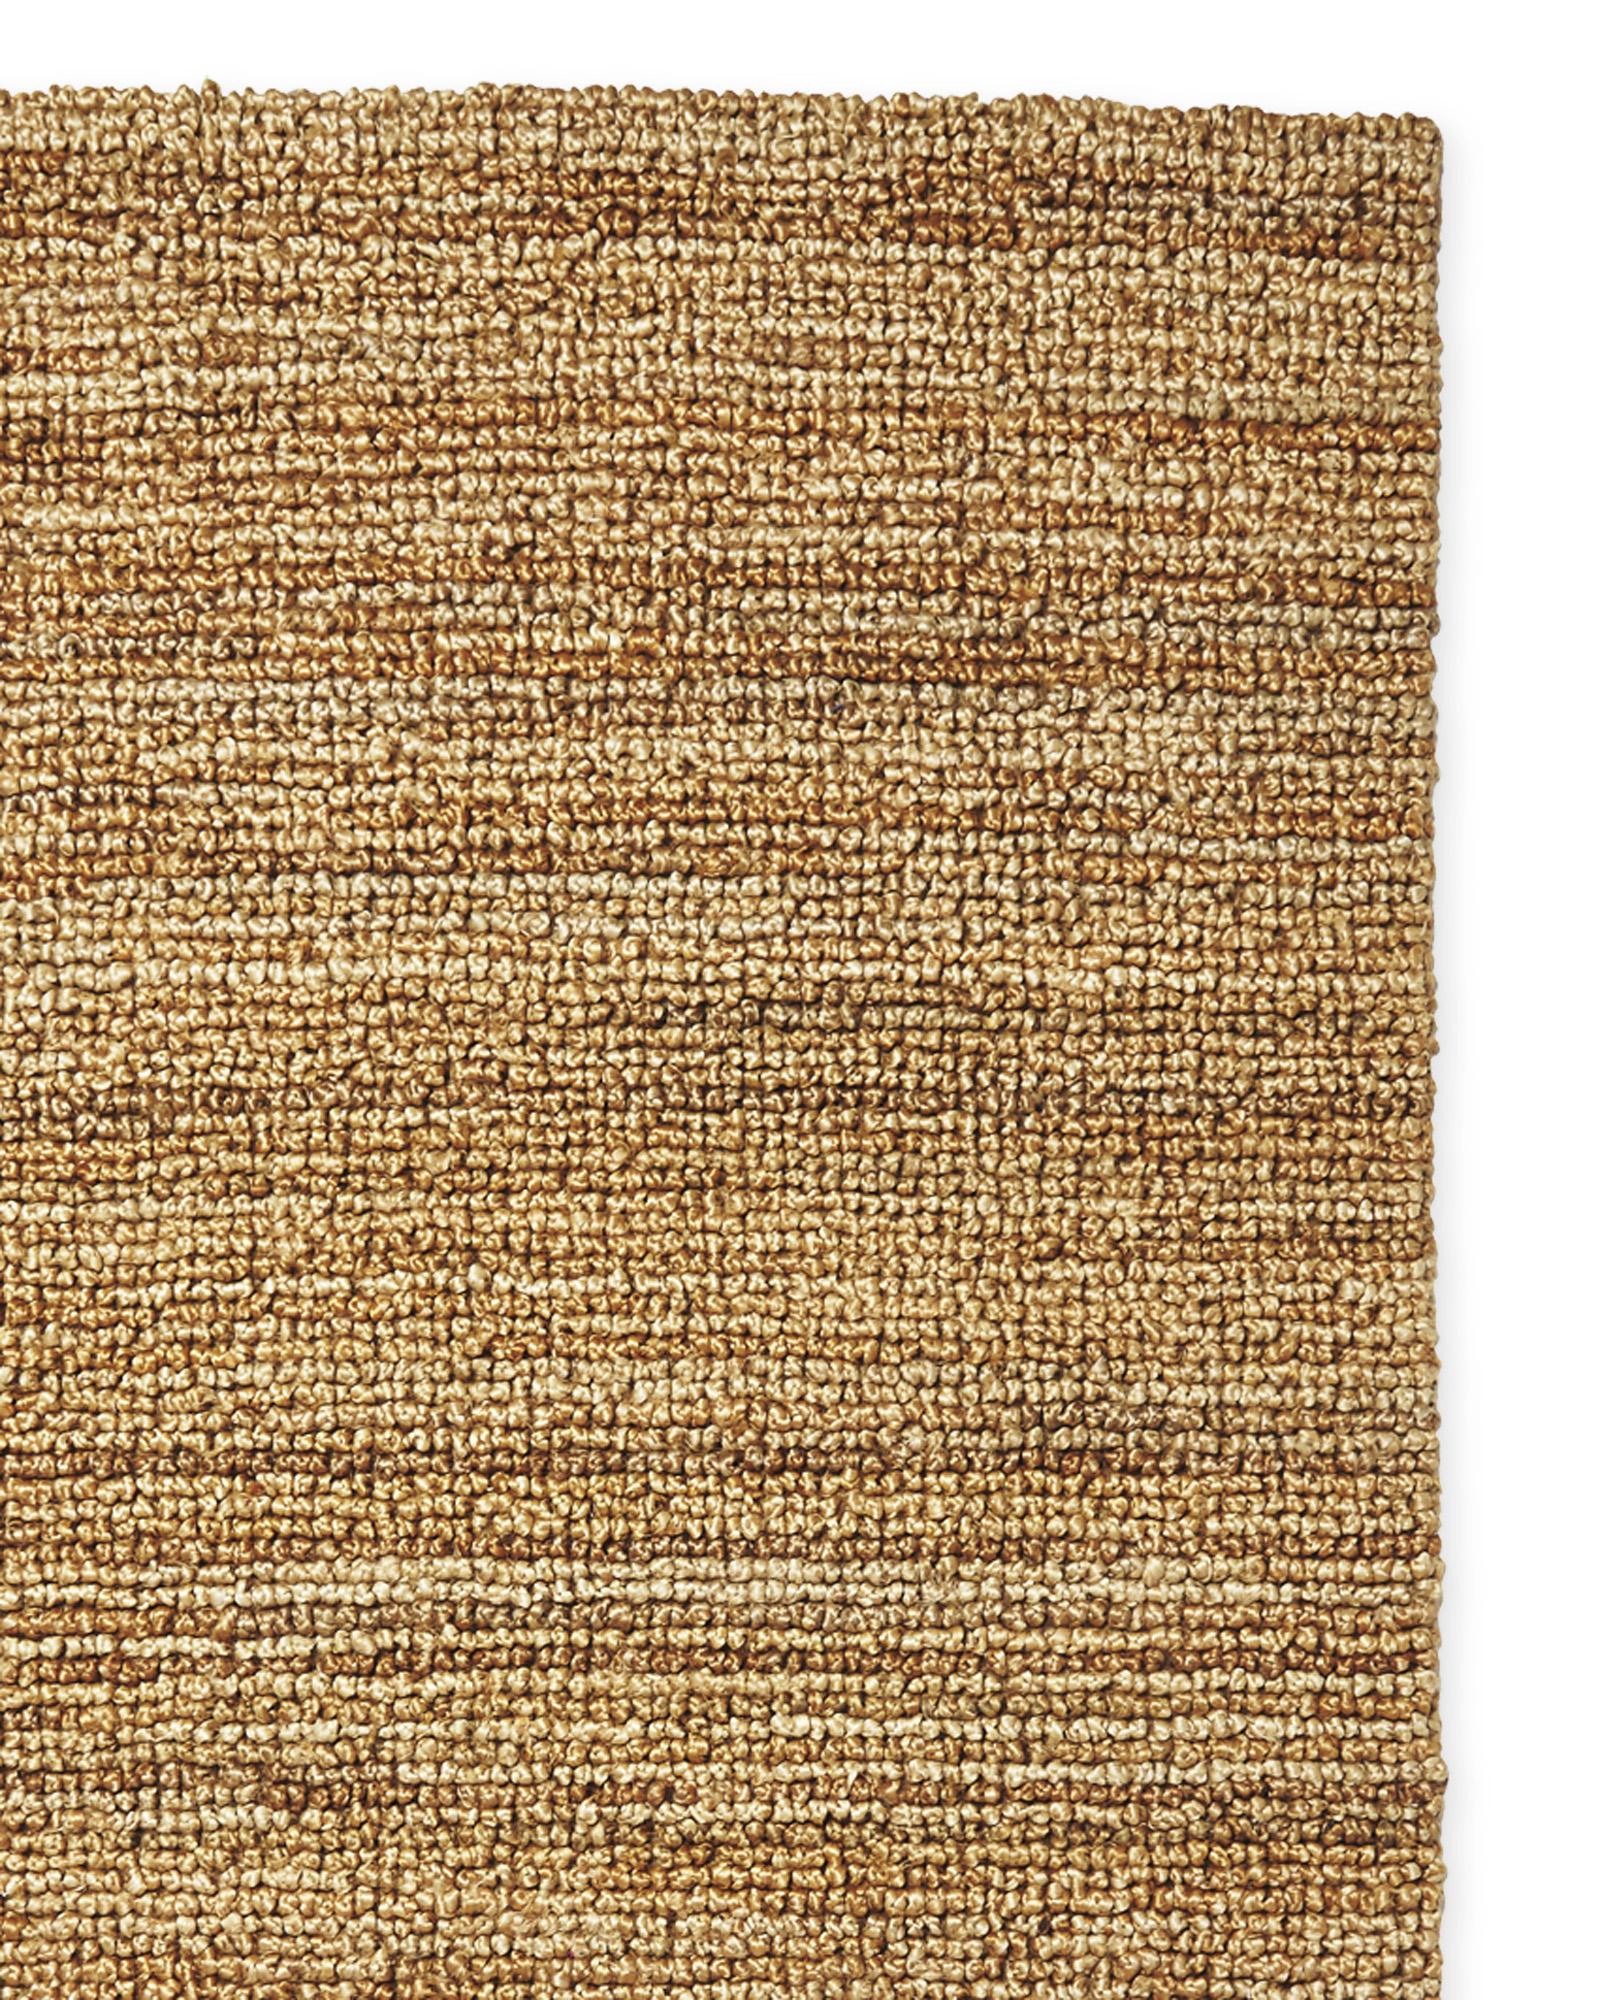 rug texture textured jute rug, KVEJLAK